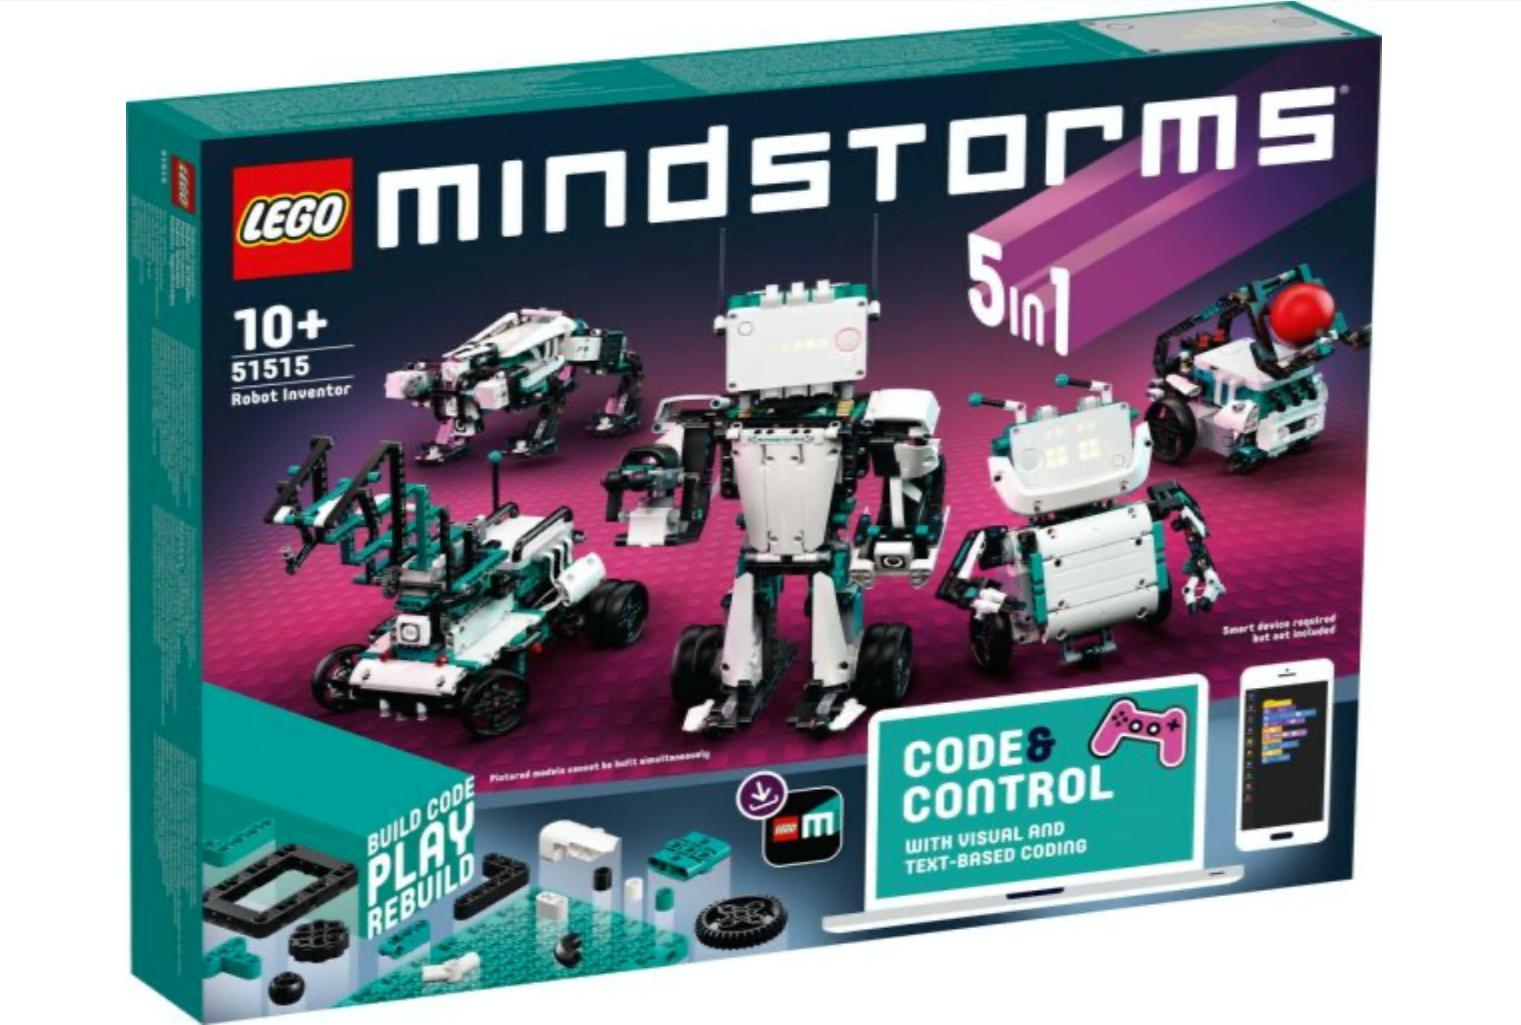 Video Fridays: LEGO Mindstorms 51515 Robot Inventor build : Charlie